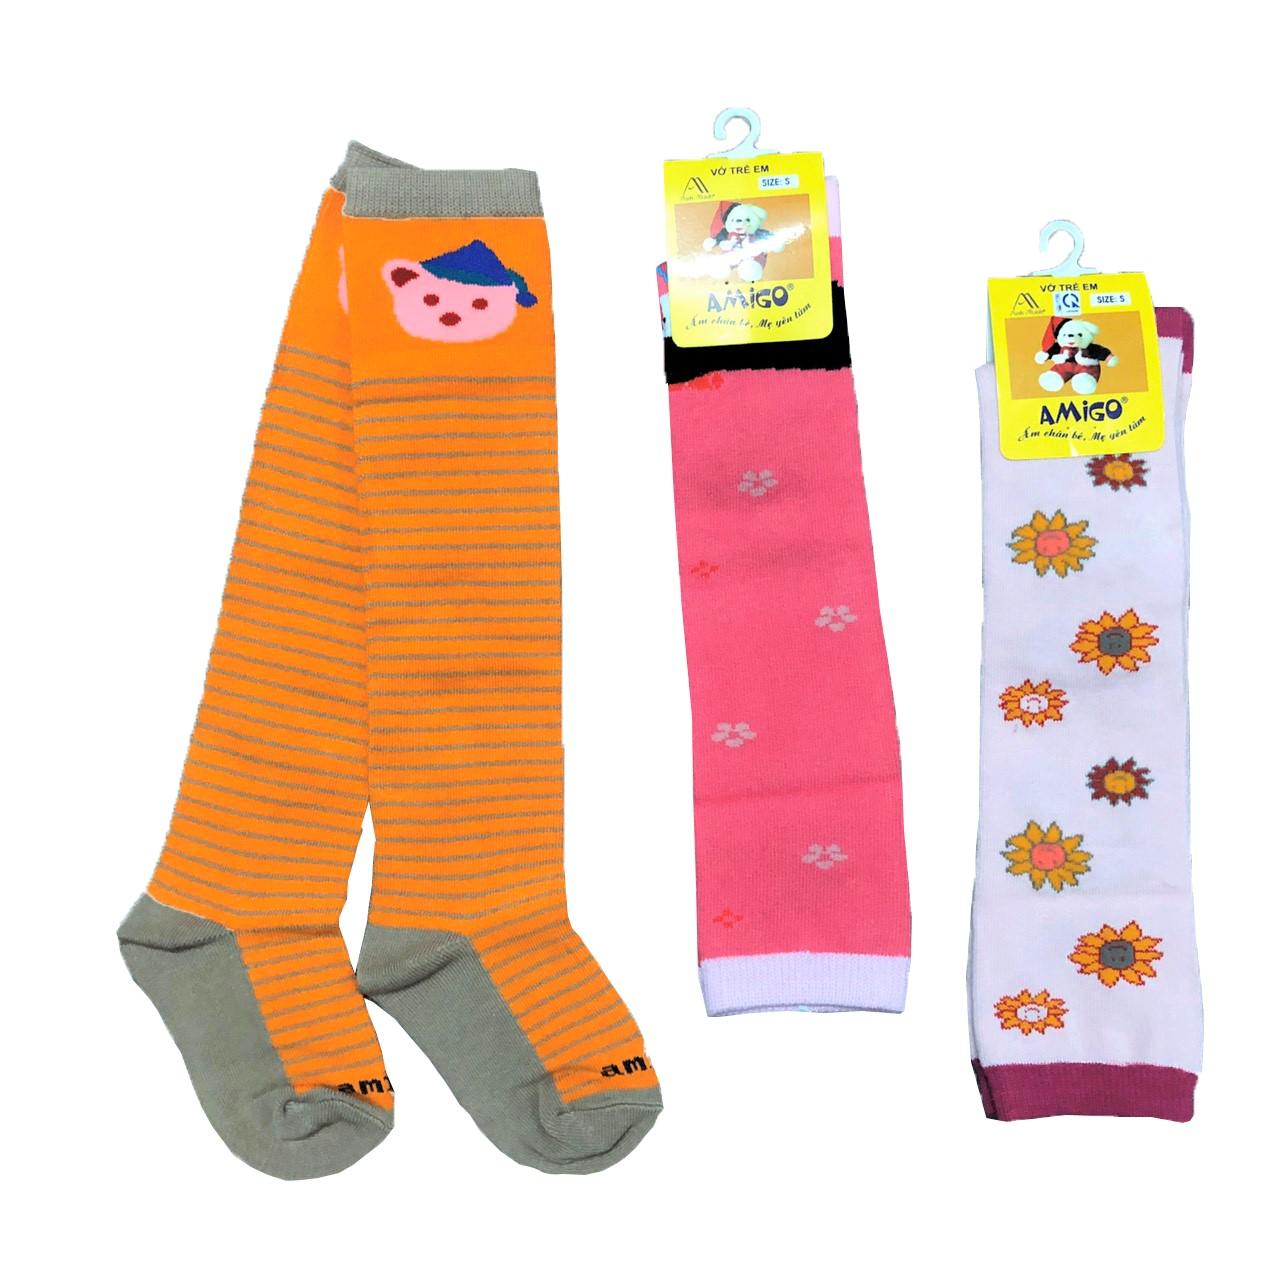 Combo 3 đôi tất cotton dài thu đông cho bé trai, bé gái, tất mềm, mịn co giãn tốt, hàng Việt Nam chất lượng